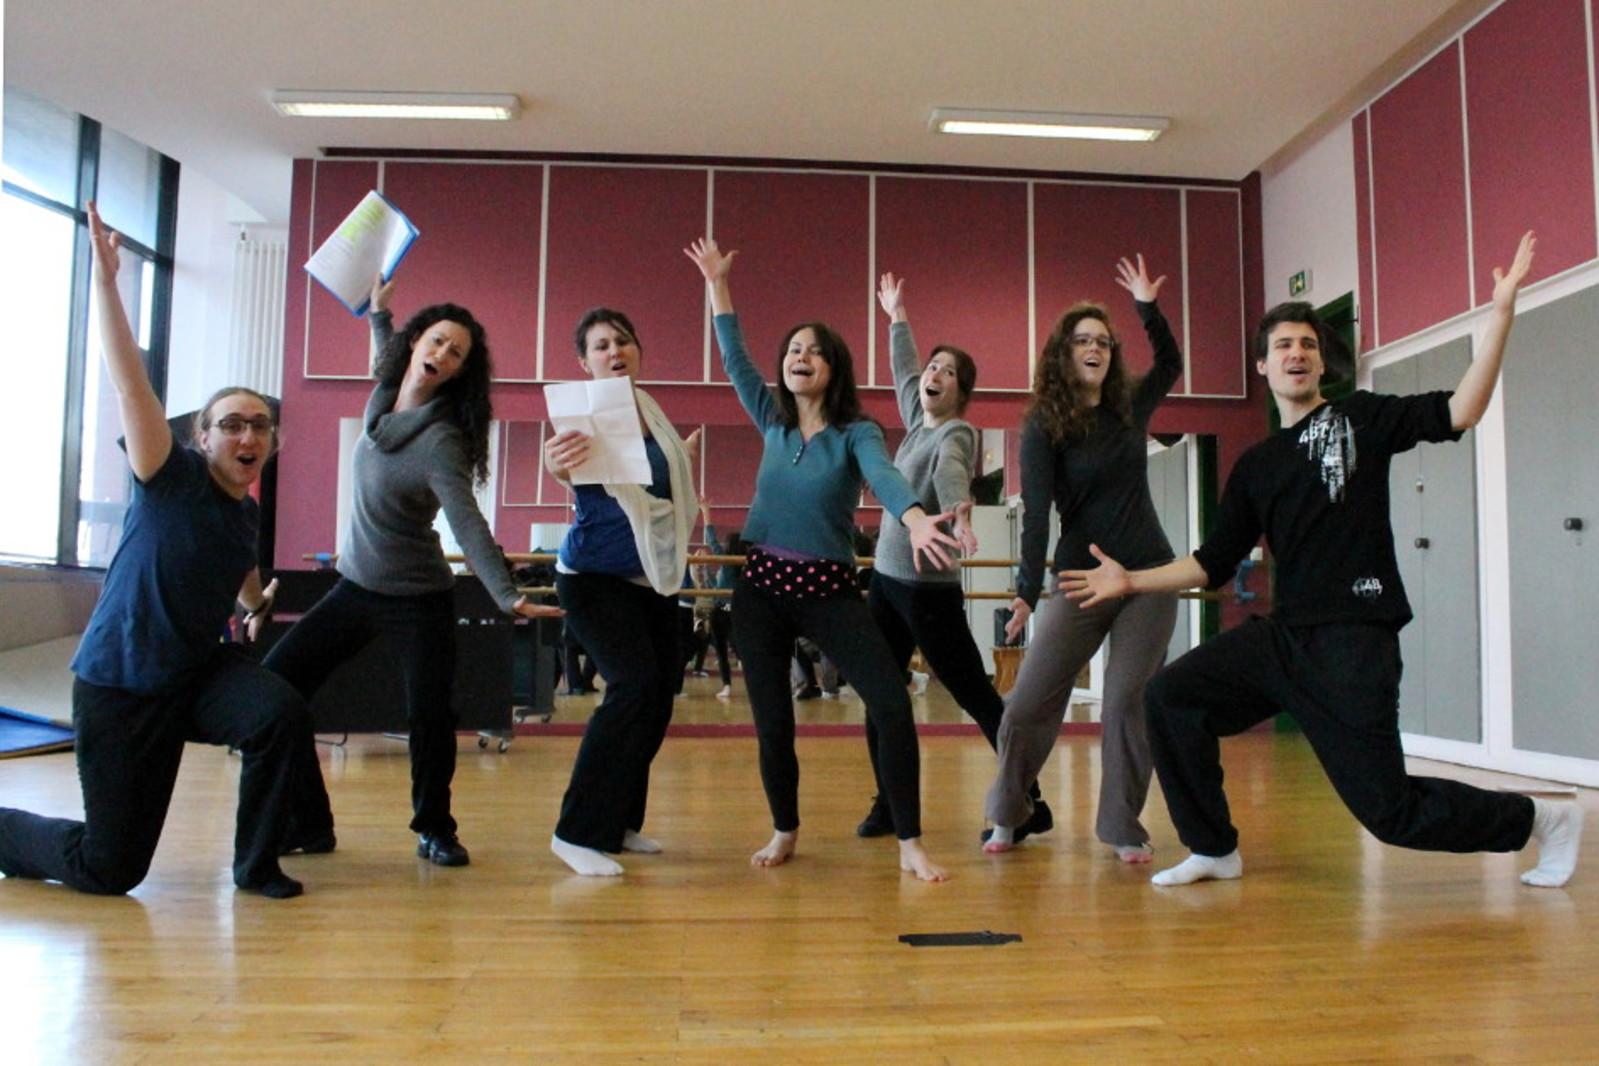 Atelier professionnel de formation à la comédie musicale - Les Inclassables